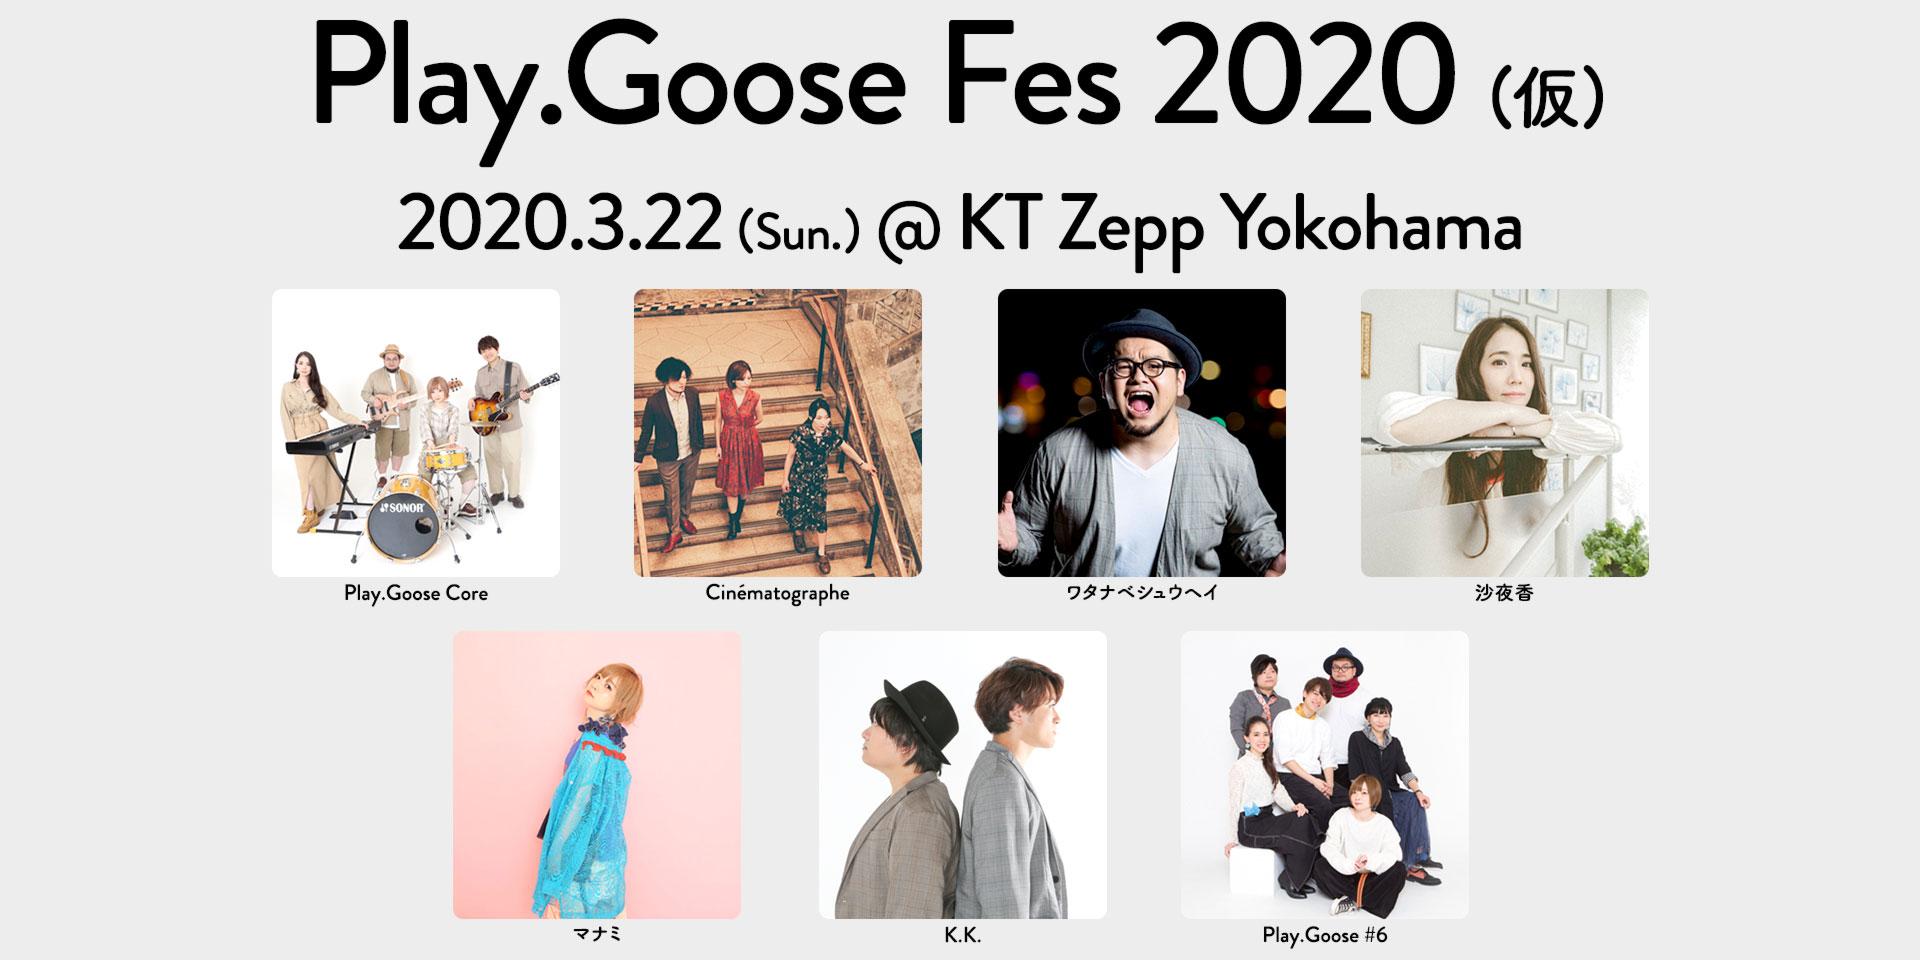 Play.Goose Fes 2020 (仮) ※振替日調整中